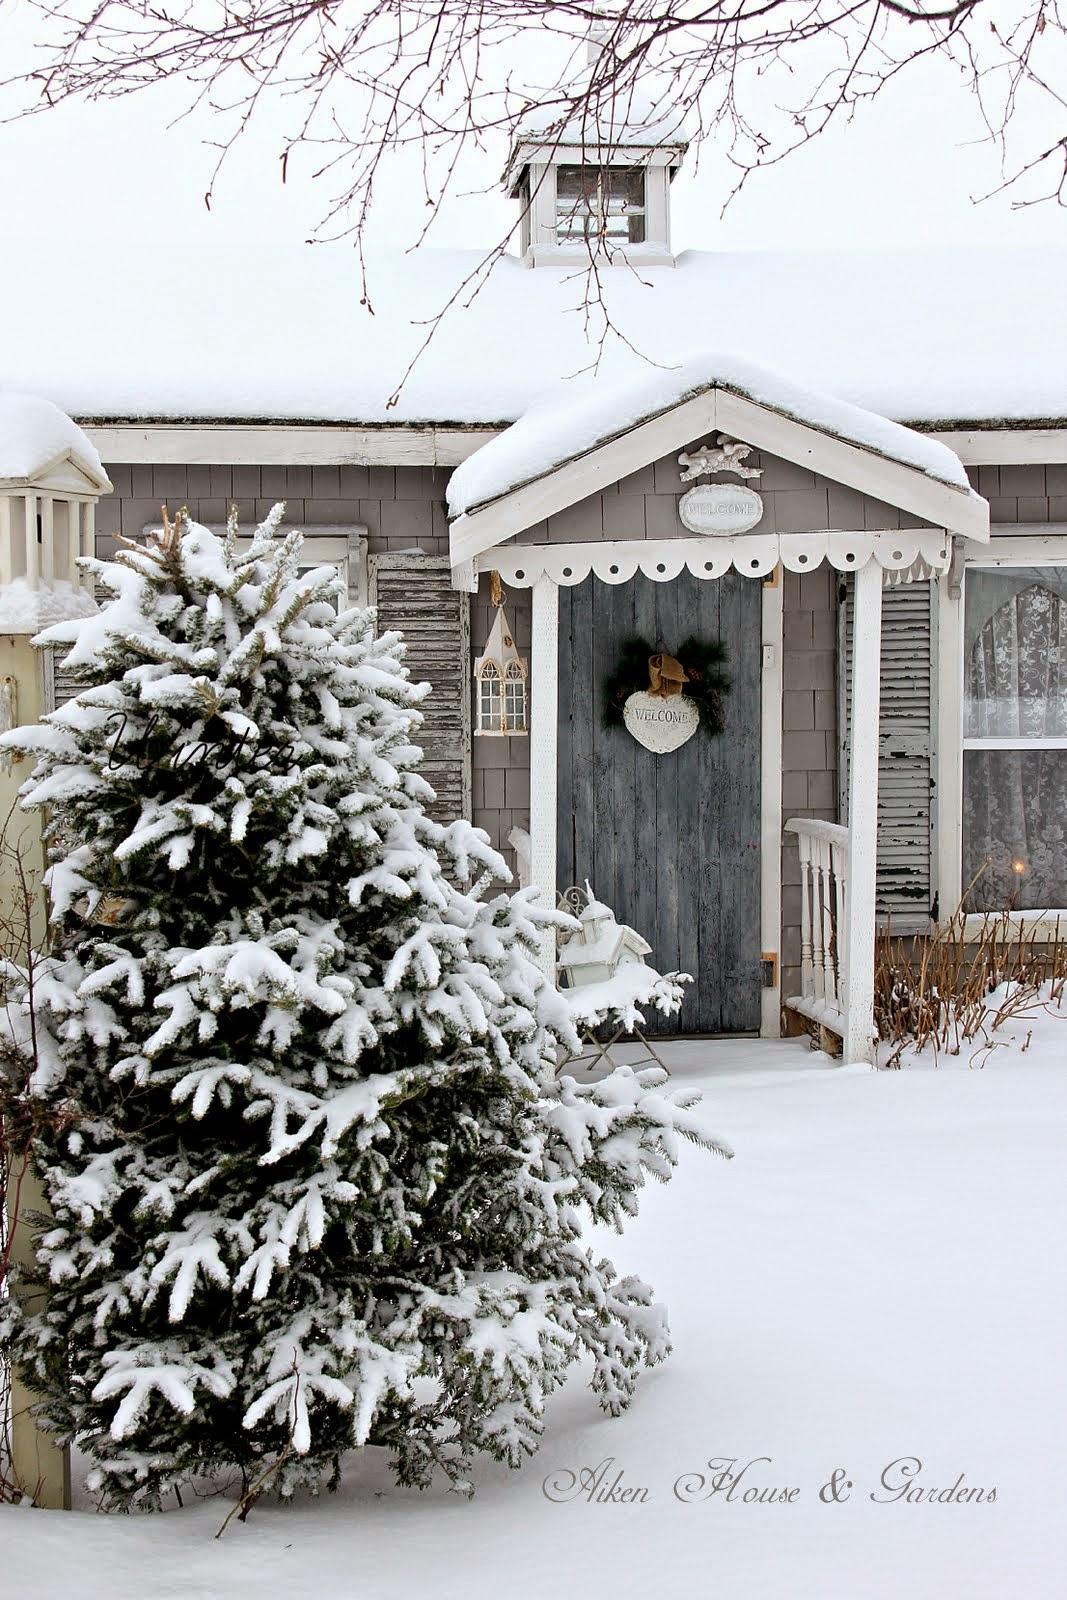 aiken house u0026 gardens our winter garden